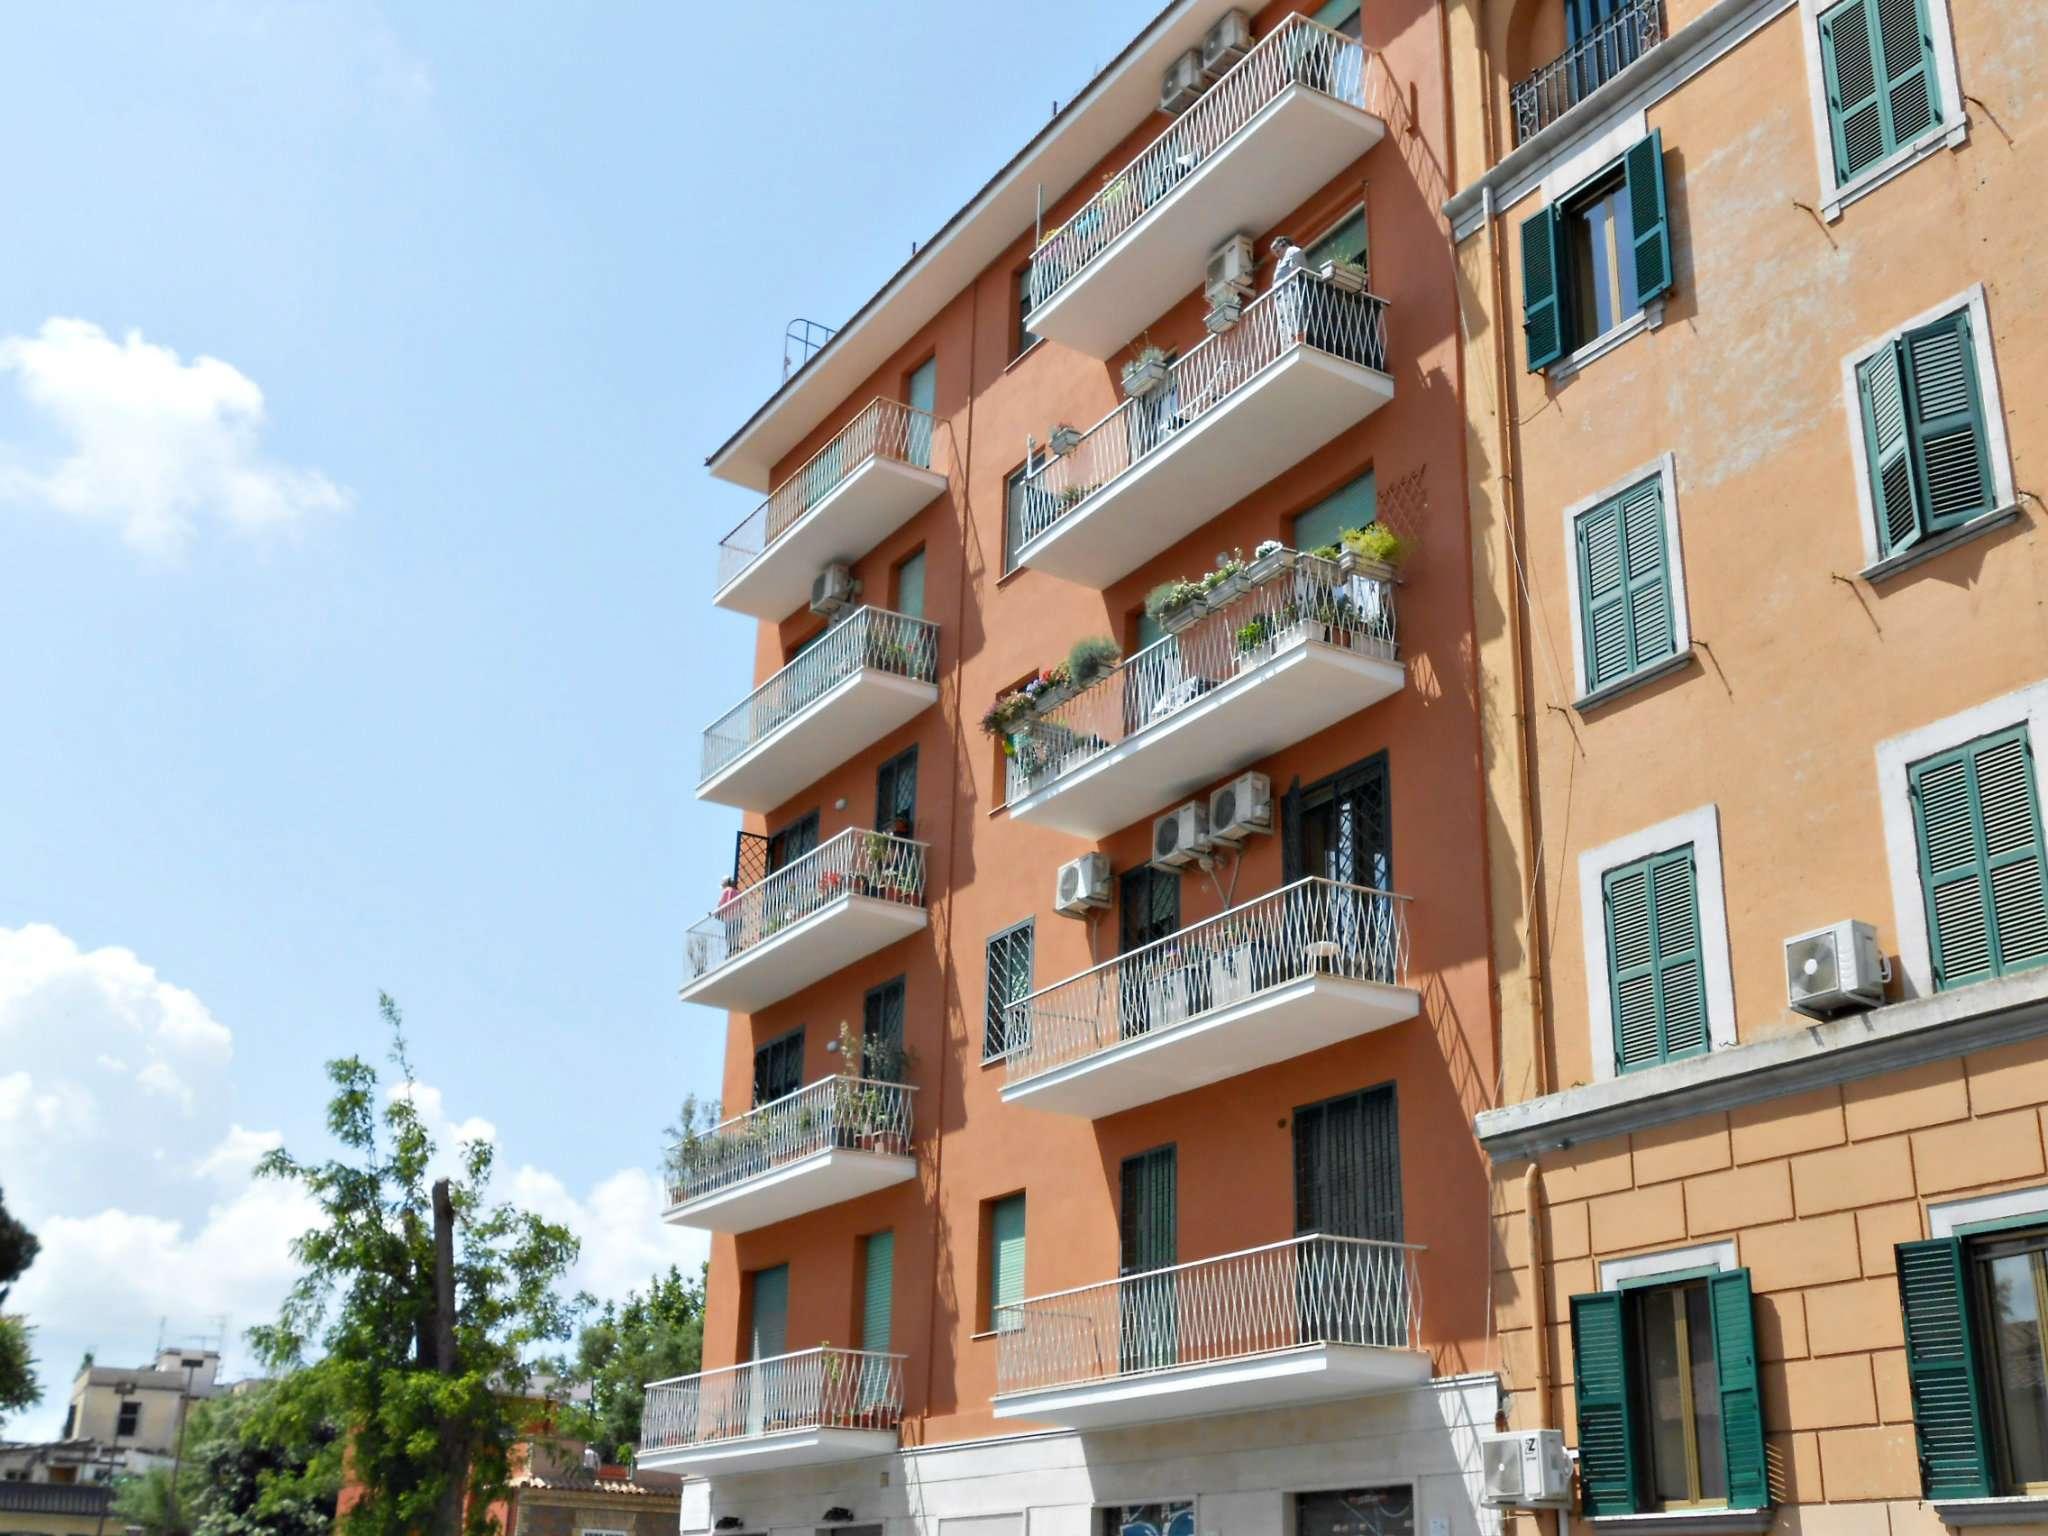 Attico / Mansarda in vendita a Roma, 5 locali, zona Zona: 10 . Pigneto, Largo Preneste, prezzo € 489.000 | CambioCasa.it